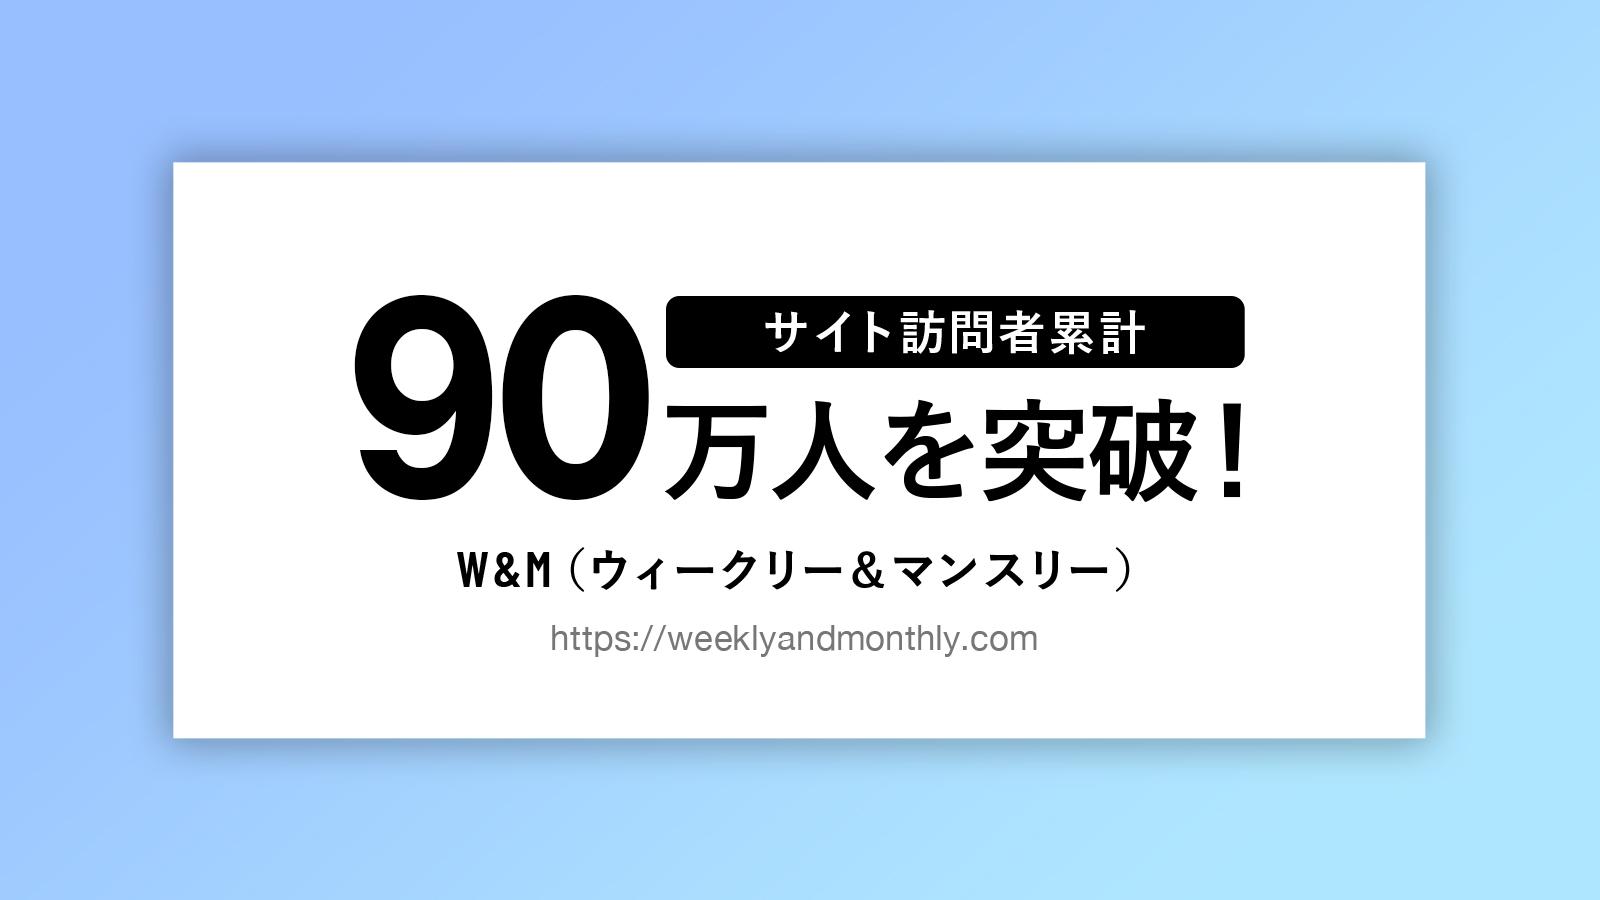 【PR】W&M(ウィークリー &マンスリー) サイト訪問者累計90万人を突破!